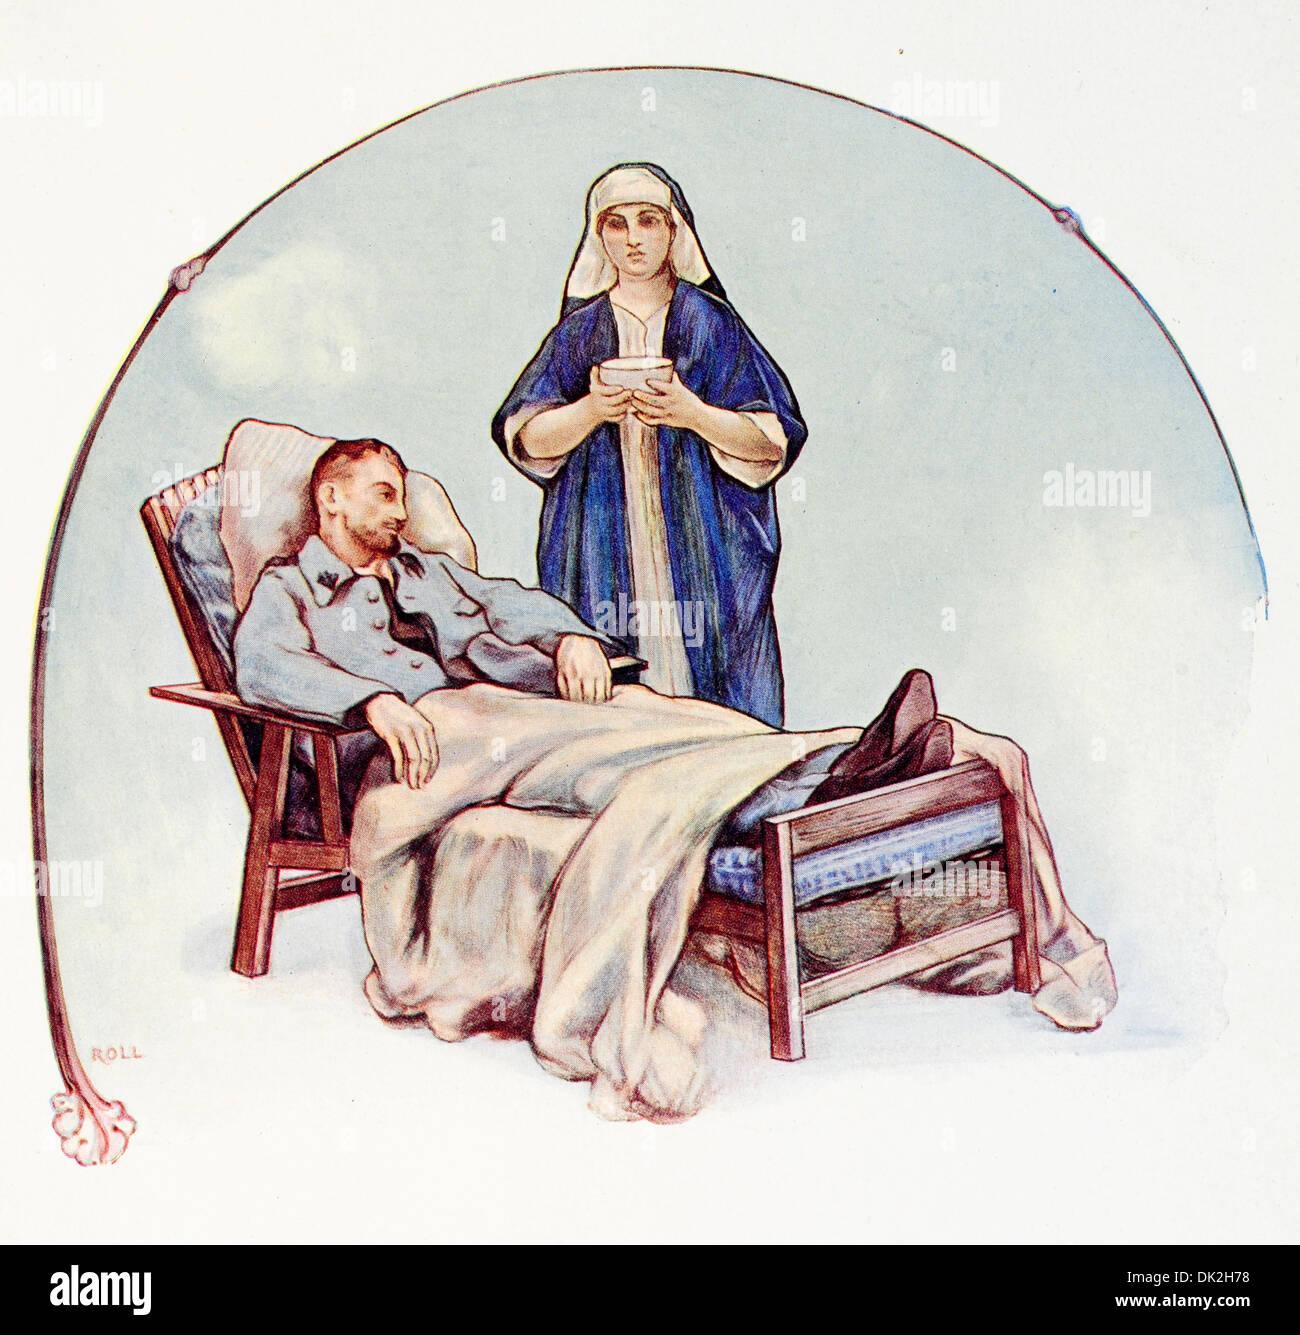 Plakat des Künstlers mit dem Titel Auguste Roll. Für diejenigen, die durch Tuberkulose verwundet. Stockbild